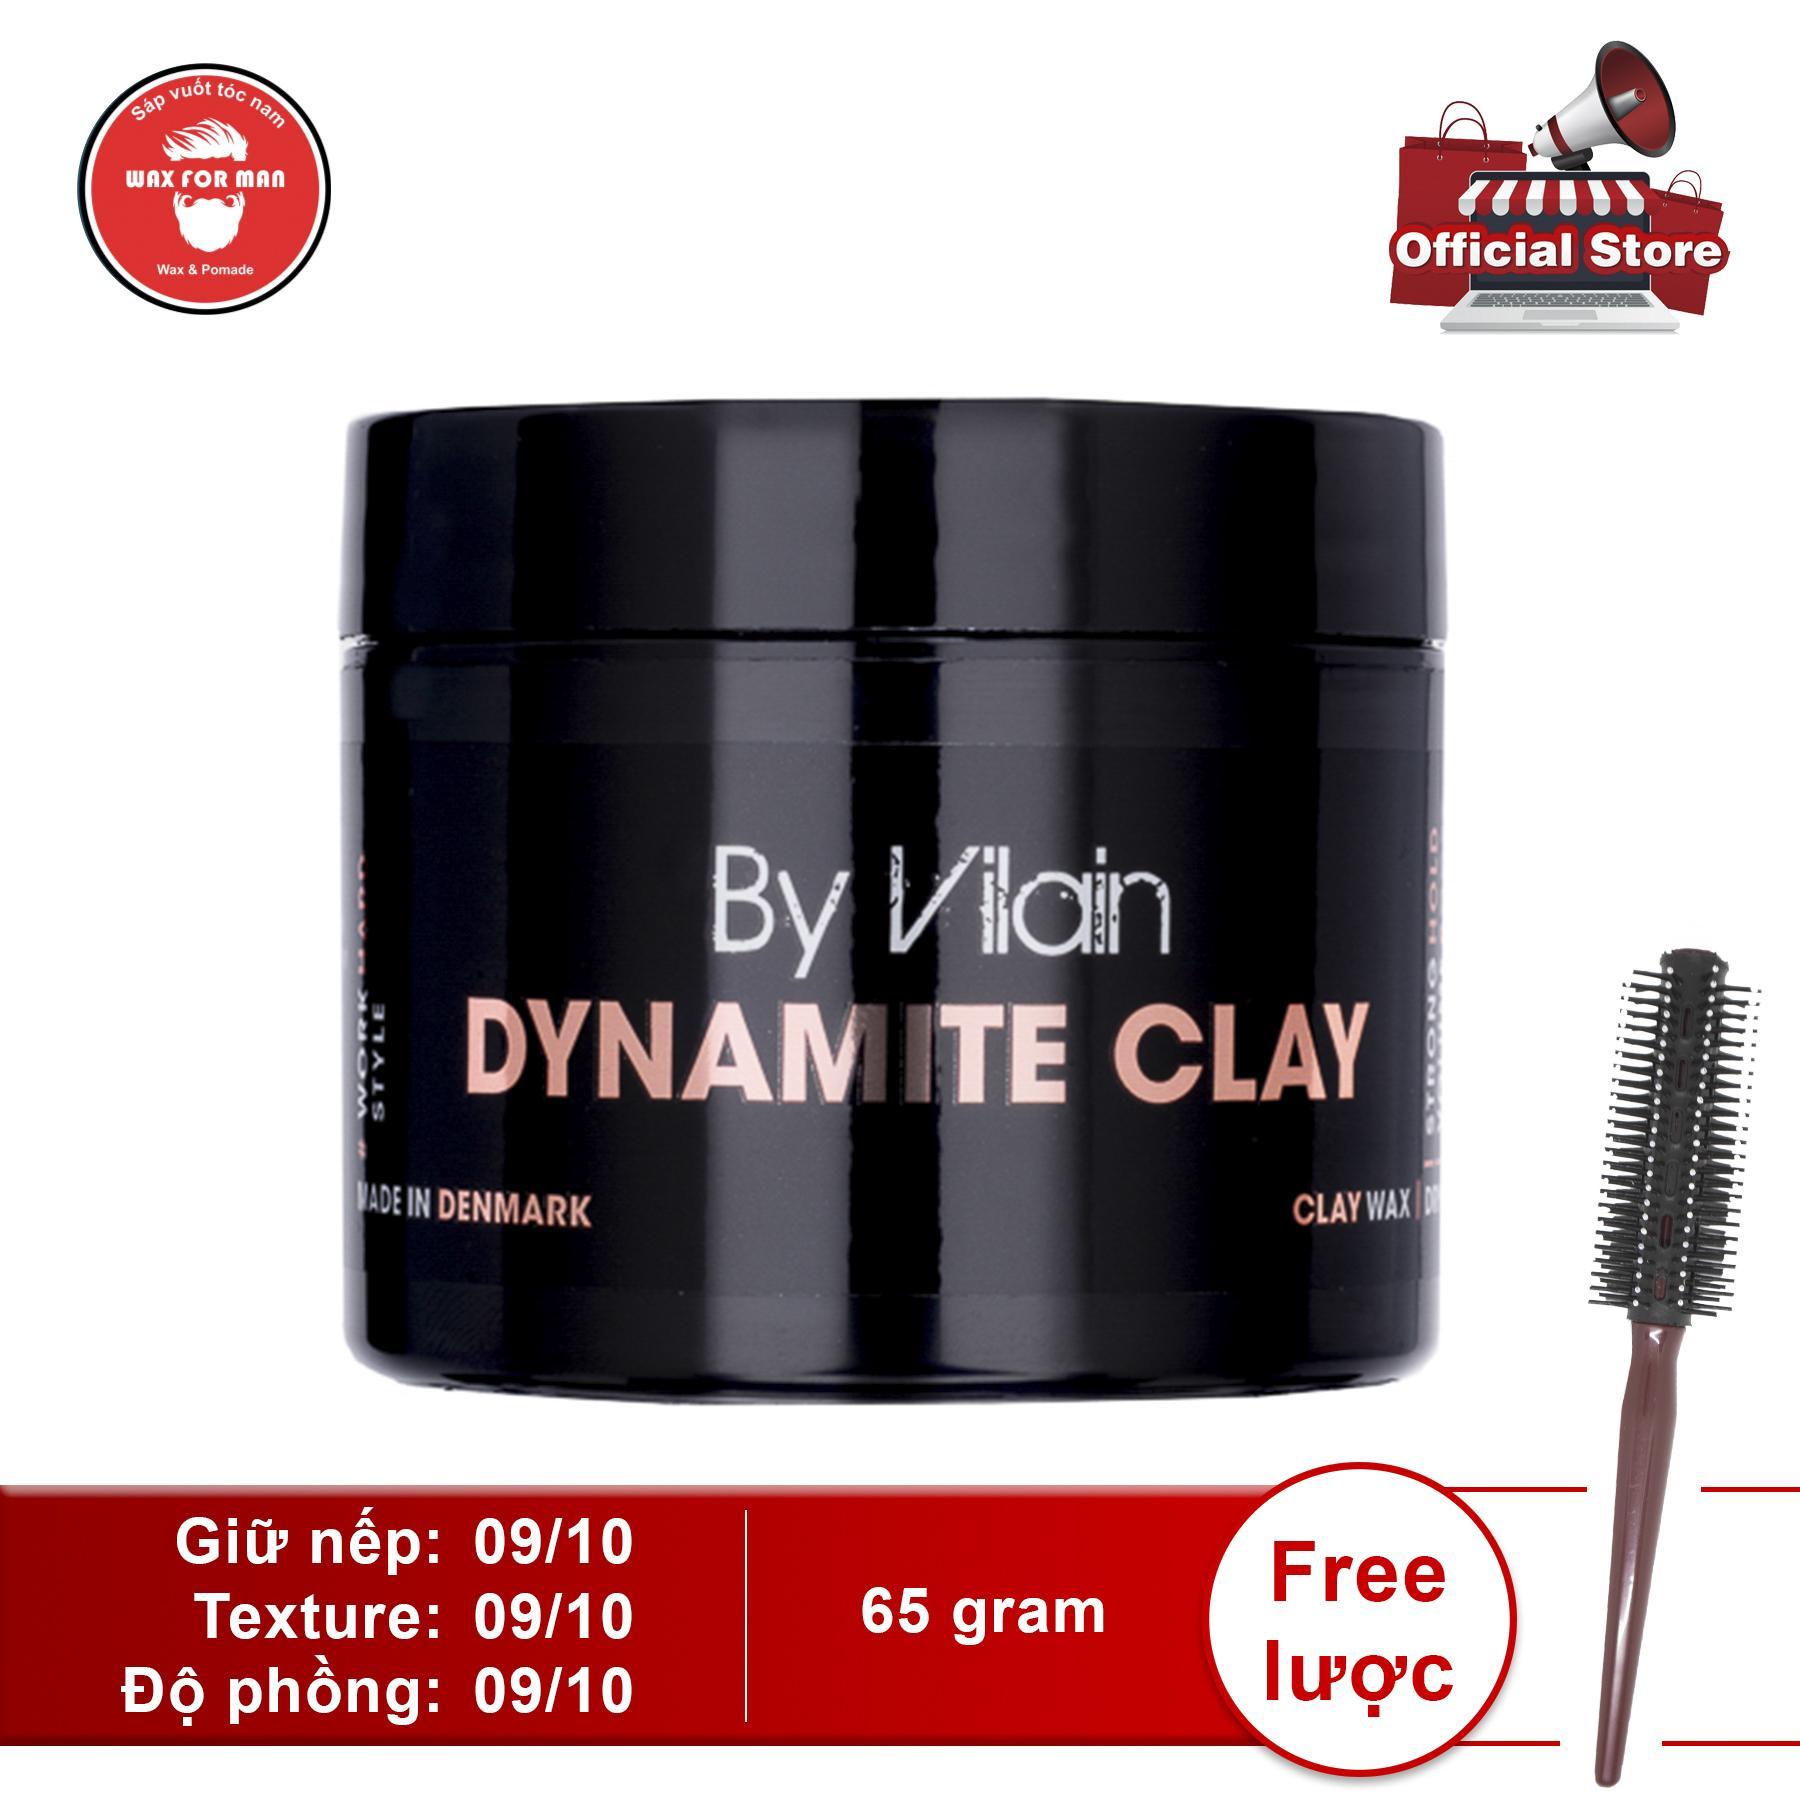 [Tặng lược] Sáp vuốt tóc By Vilain Dynamite Clay